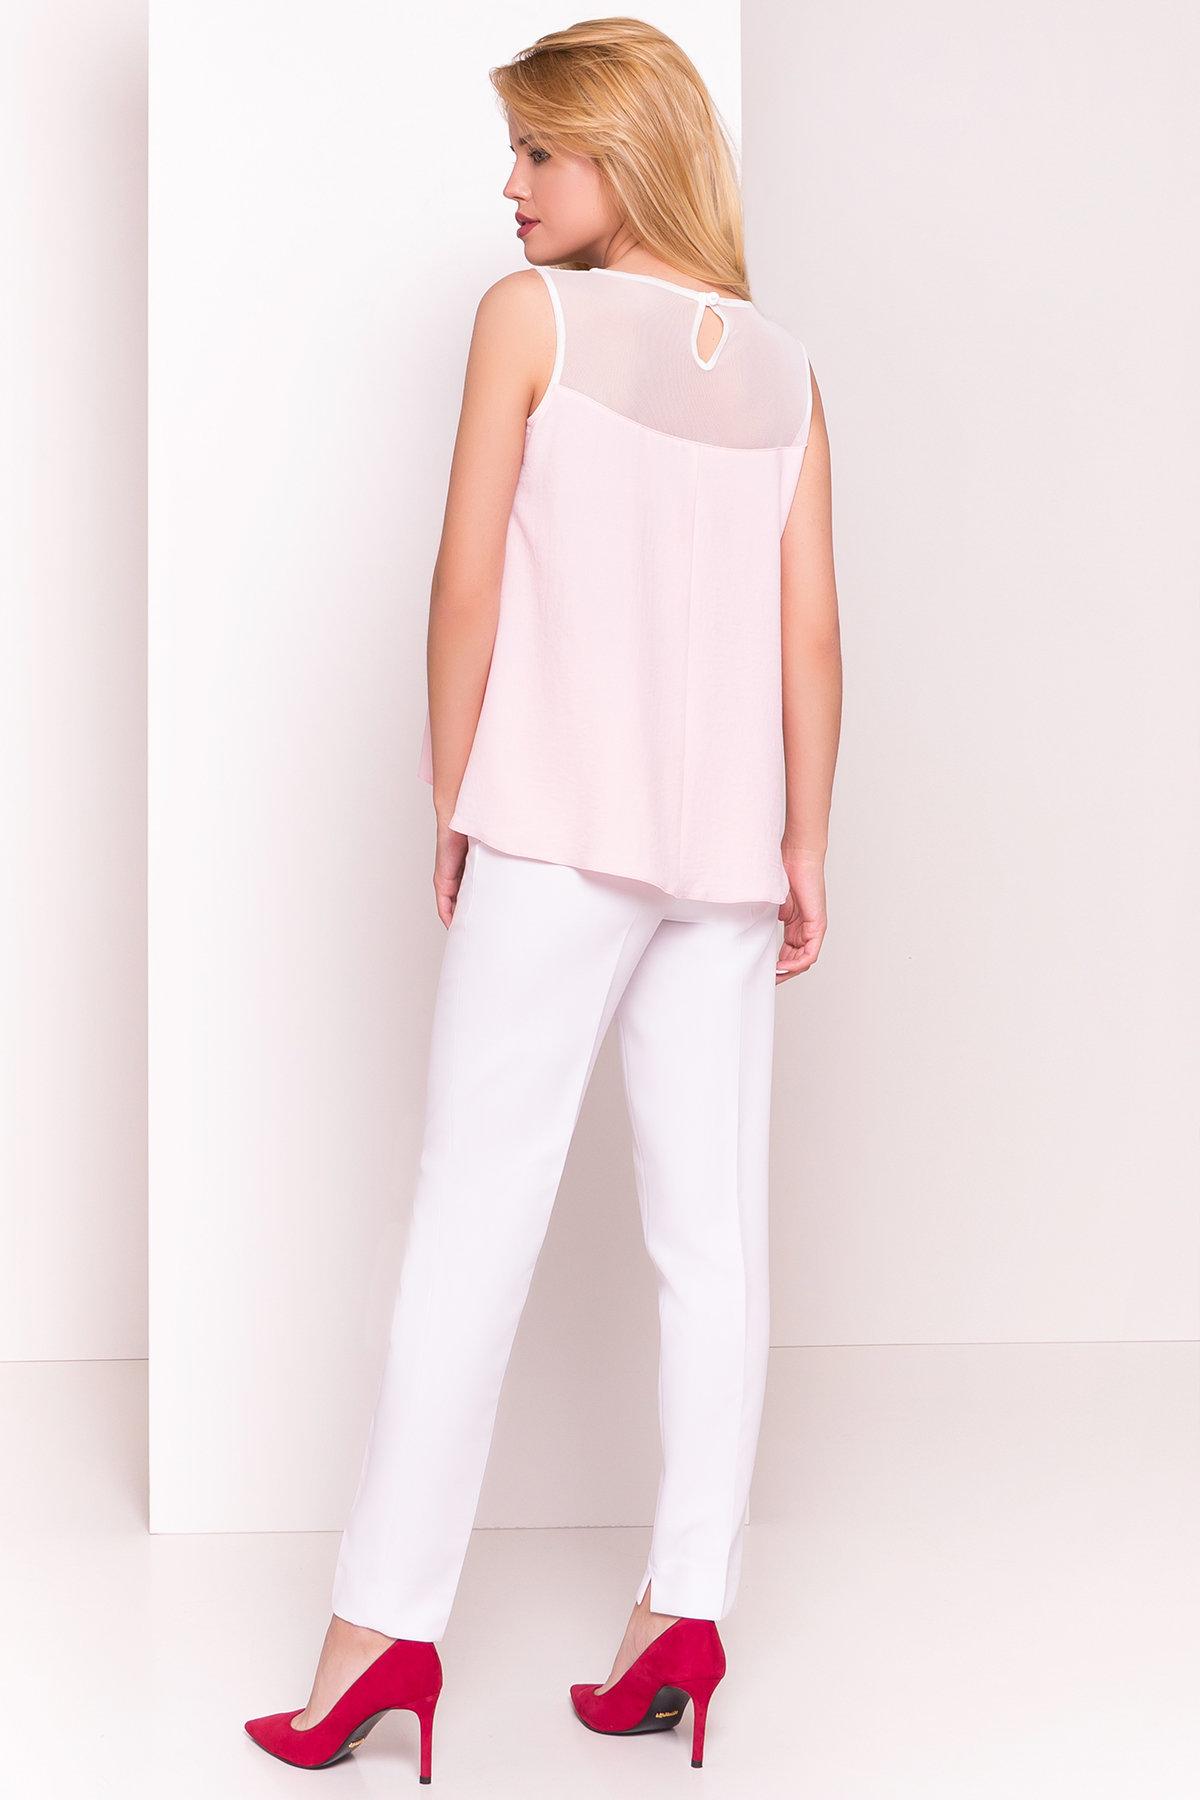 Летняя блуза без рукавов Нелли 4918 АРТ. 34792 Цвет: Розовый Светлый - фото 3, интернет магазин tm-modus.ru